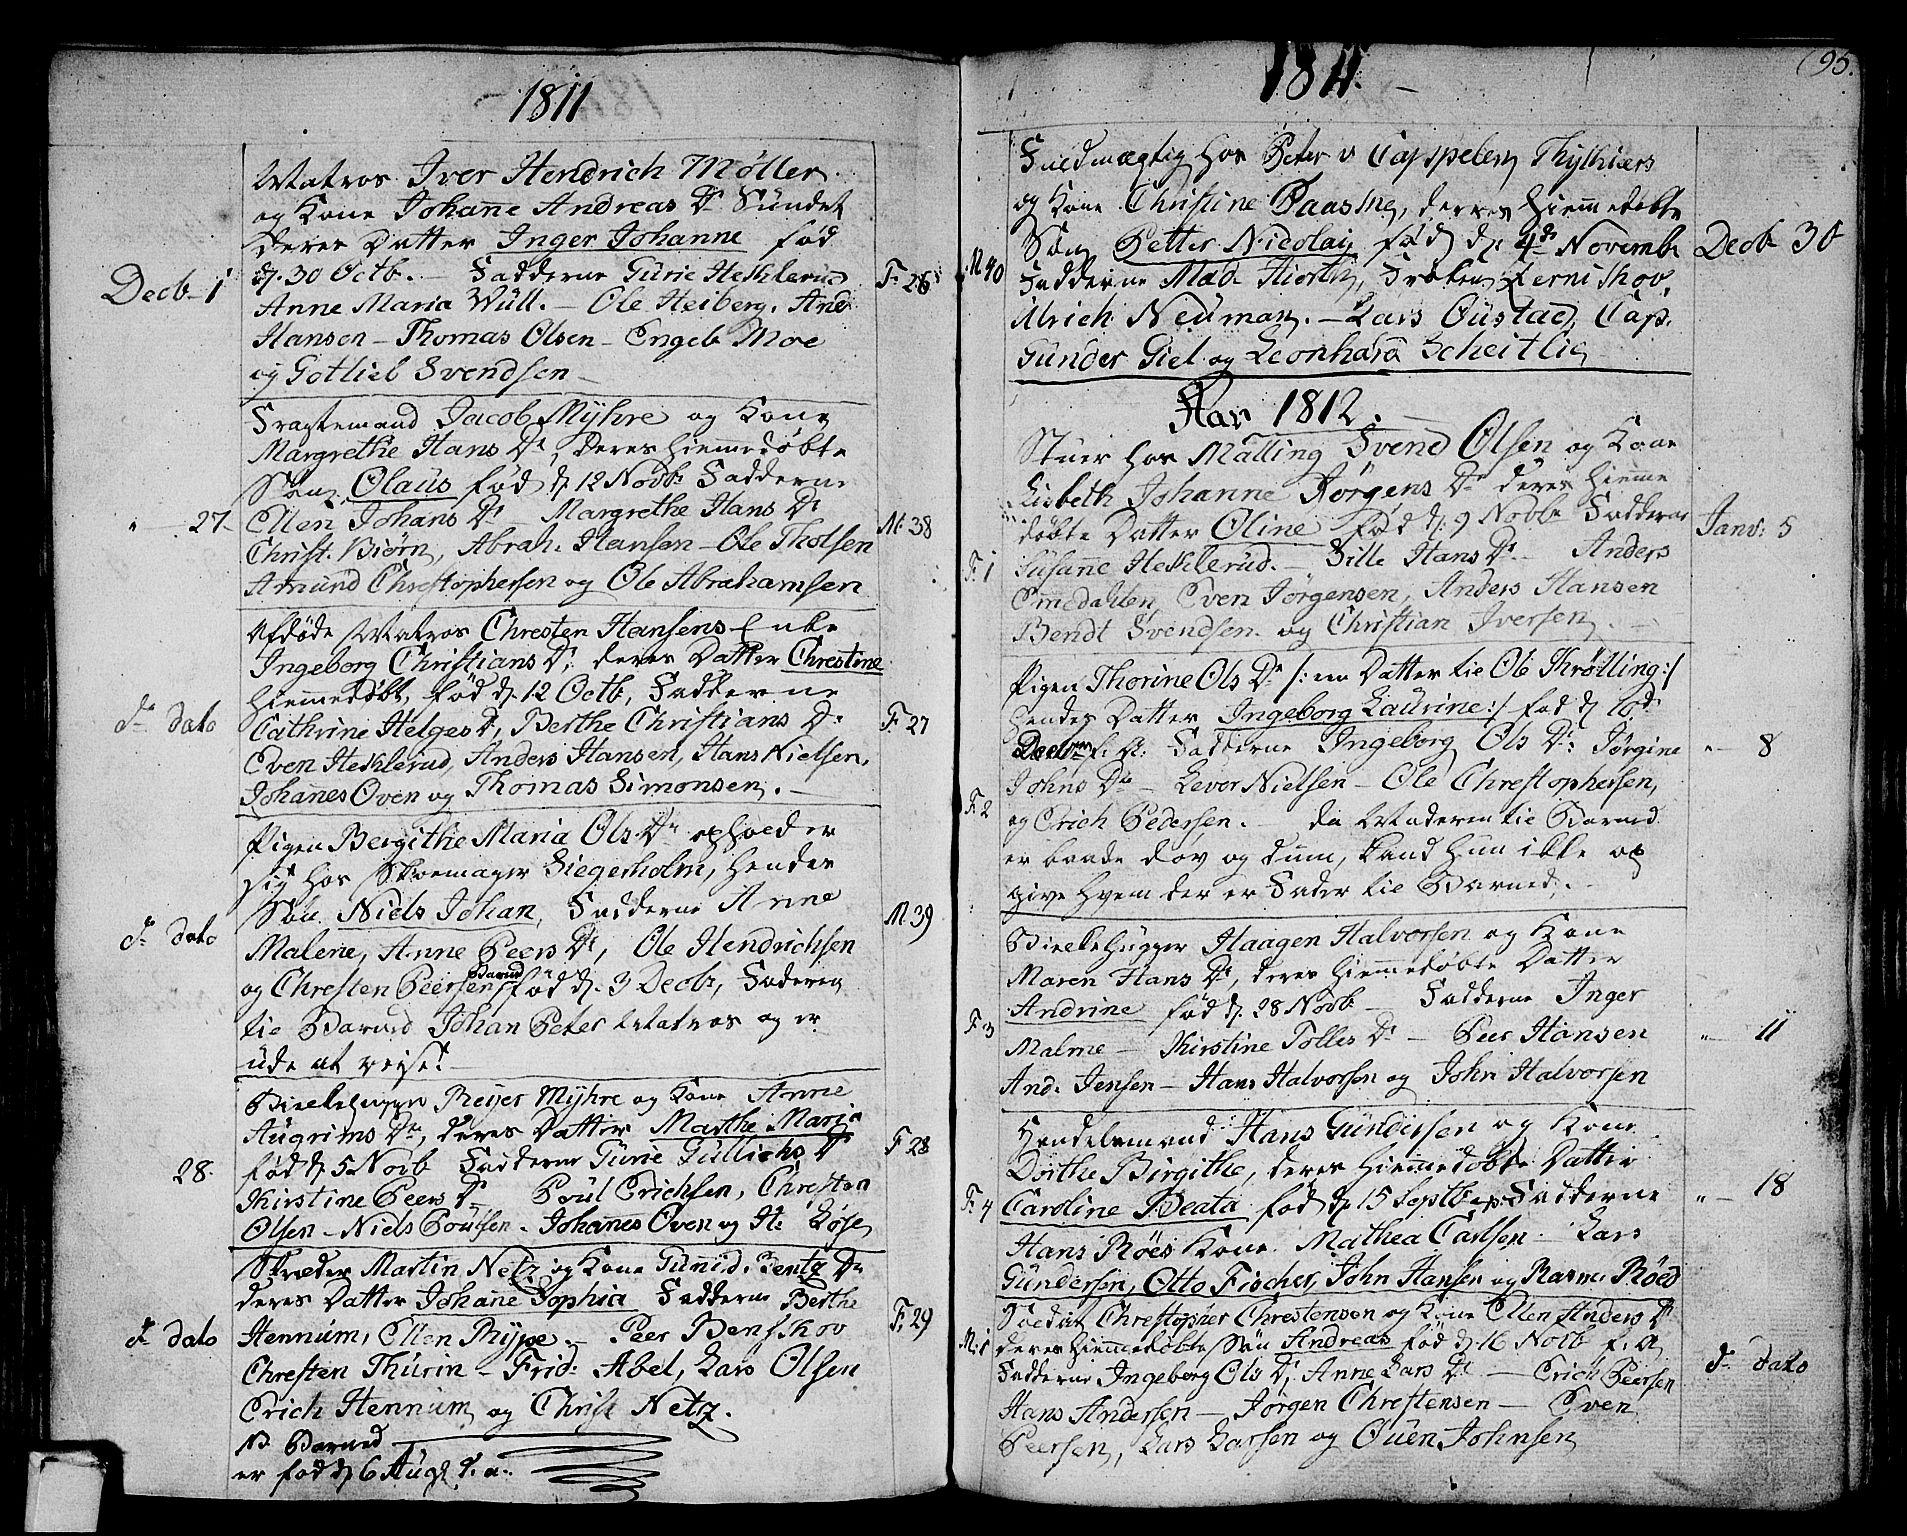 SAKO, Strømsø kirkebøker, F/Fa/L0010: Ministerialbok nr. I 10, 1792-1822, s. 95